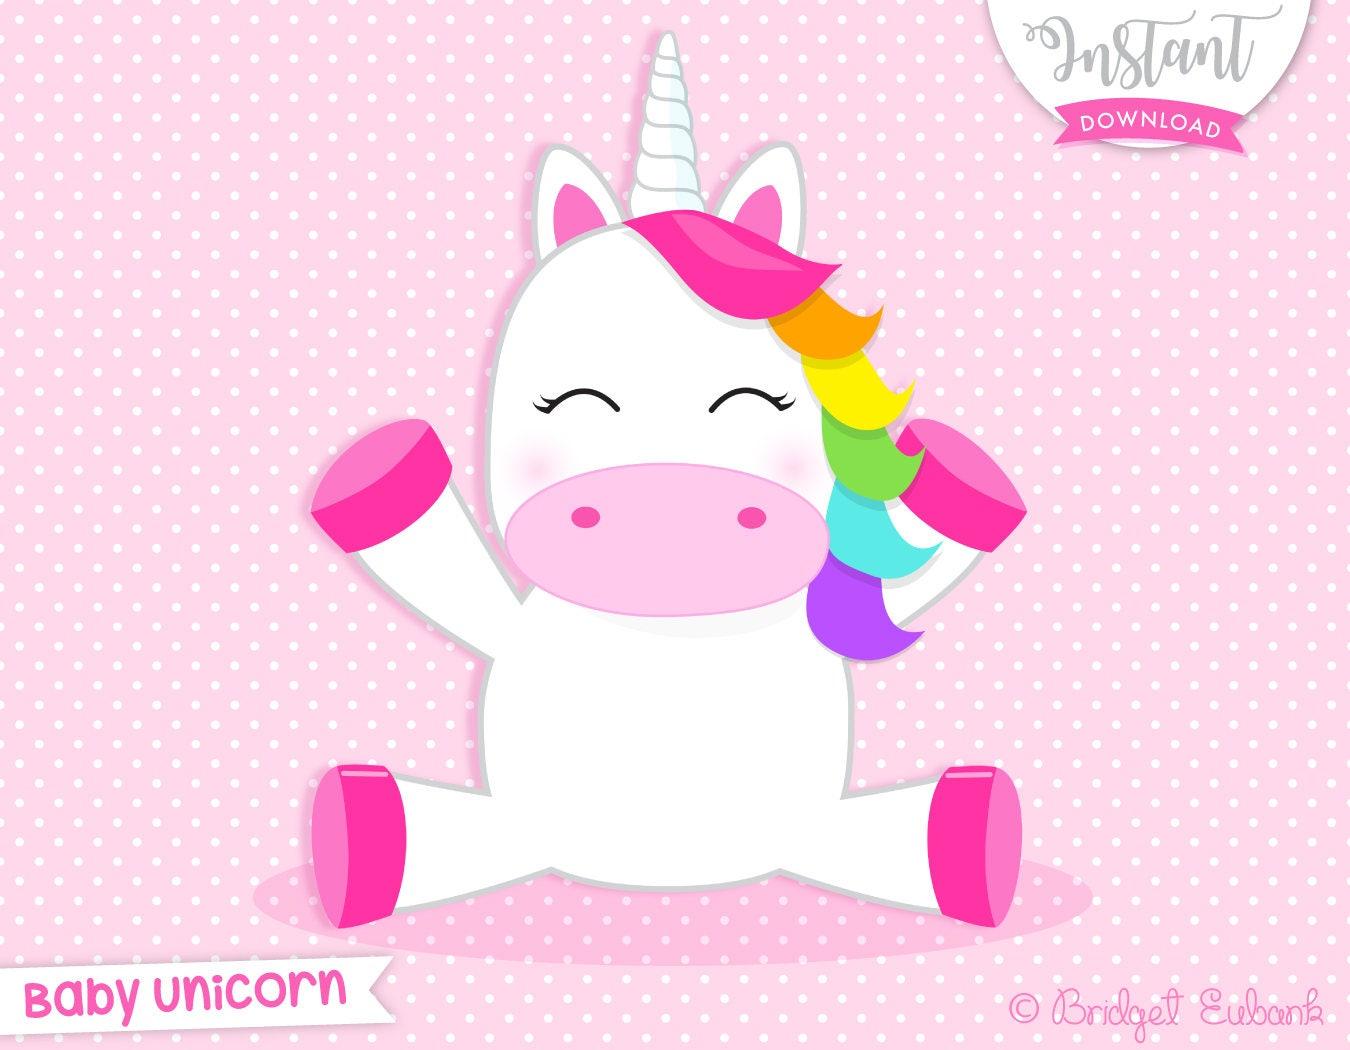 Unicorn clipart unicorn party unicorn birthday unicorn | Etsy